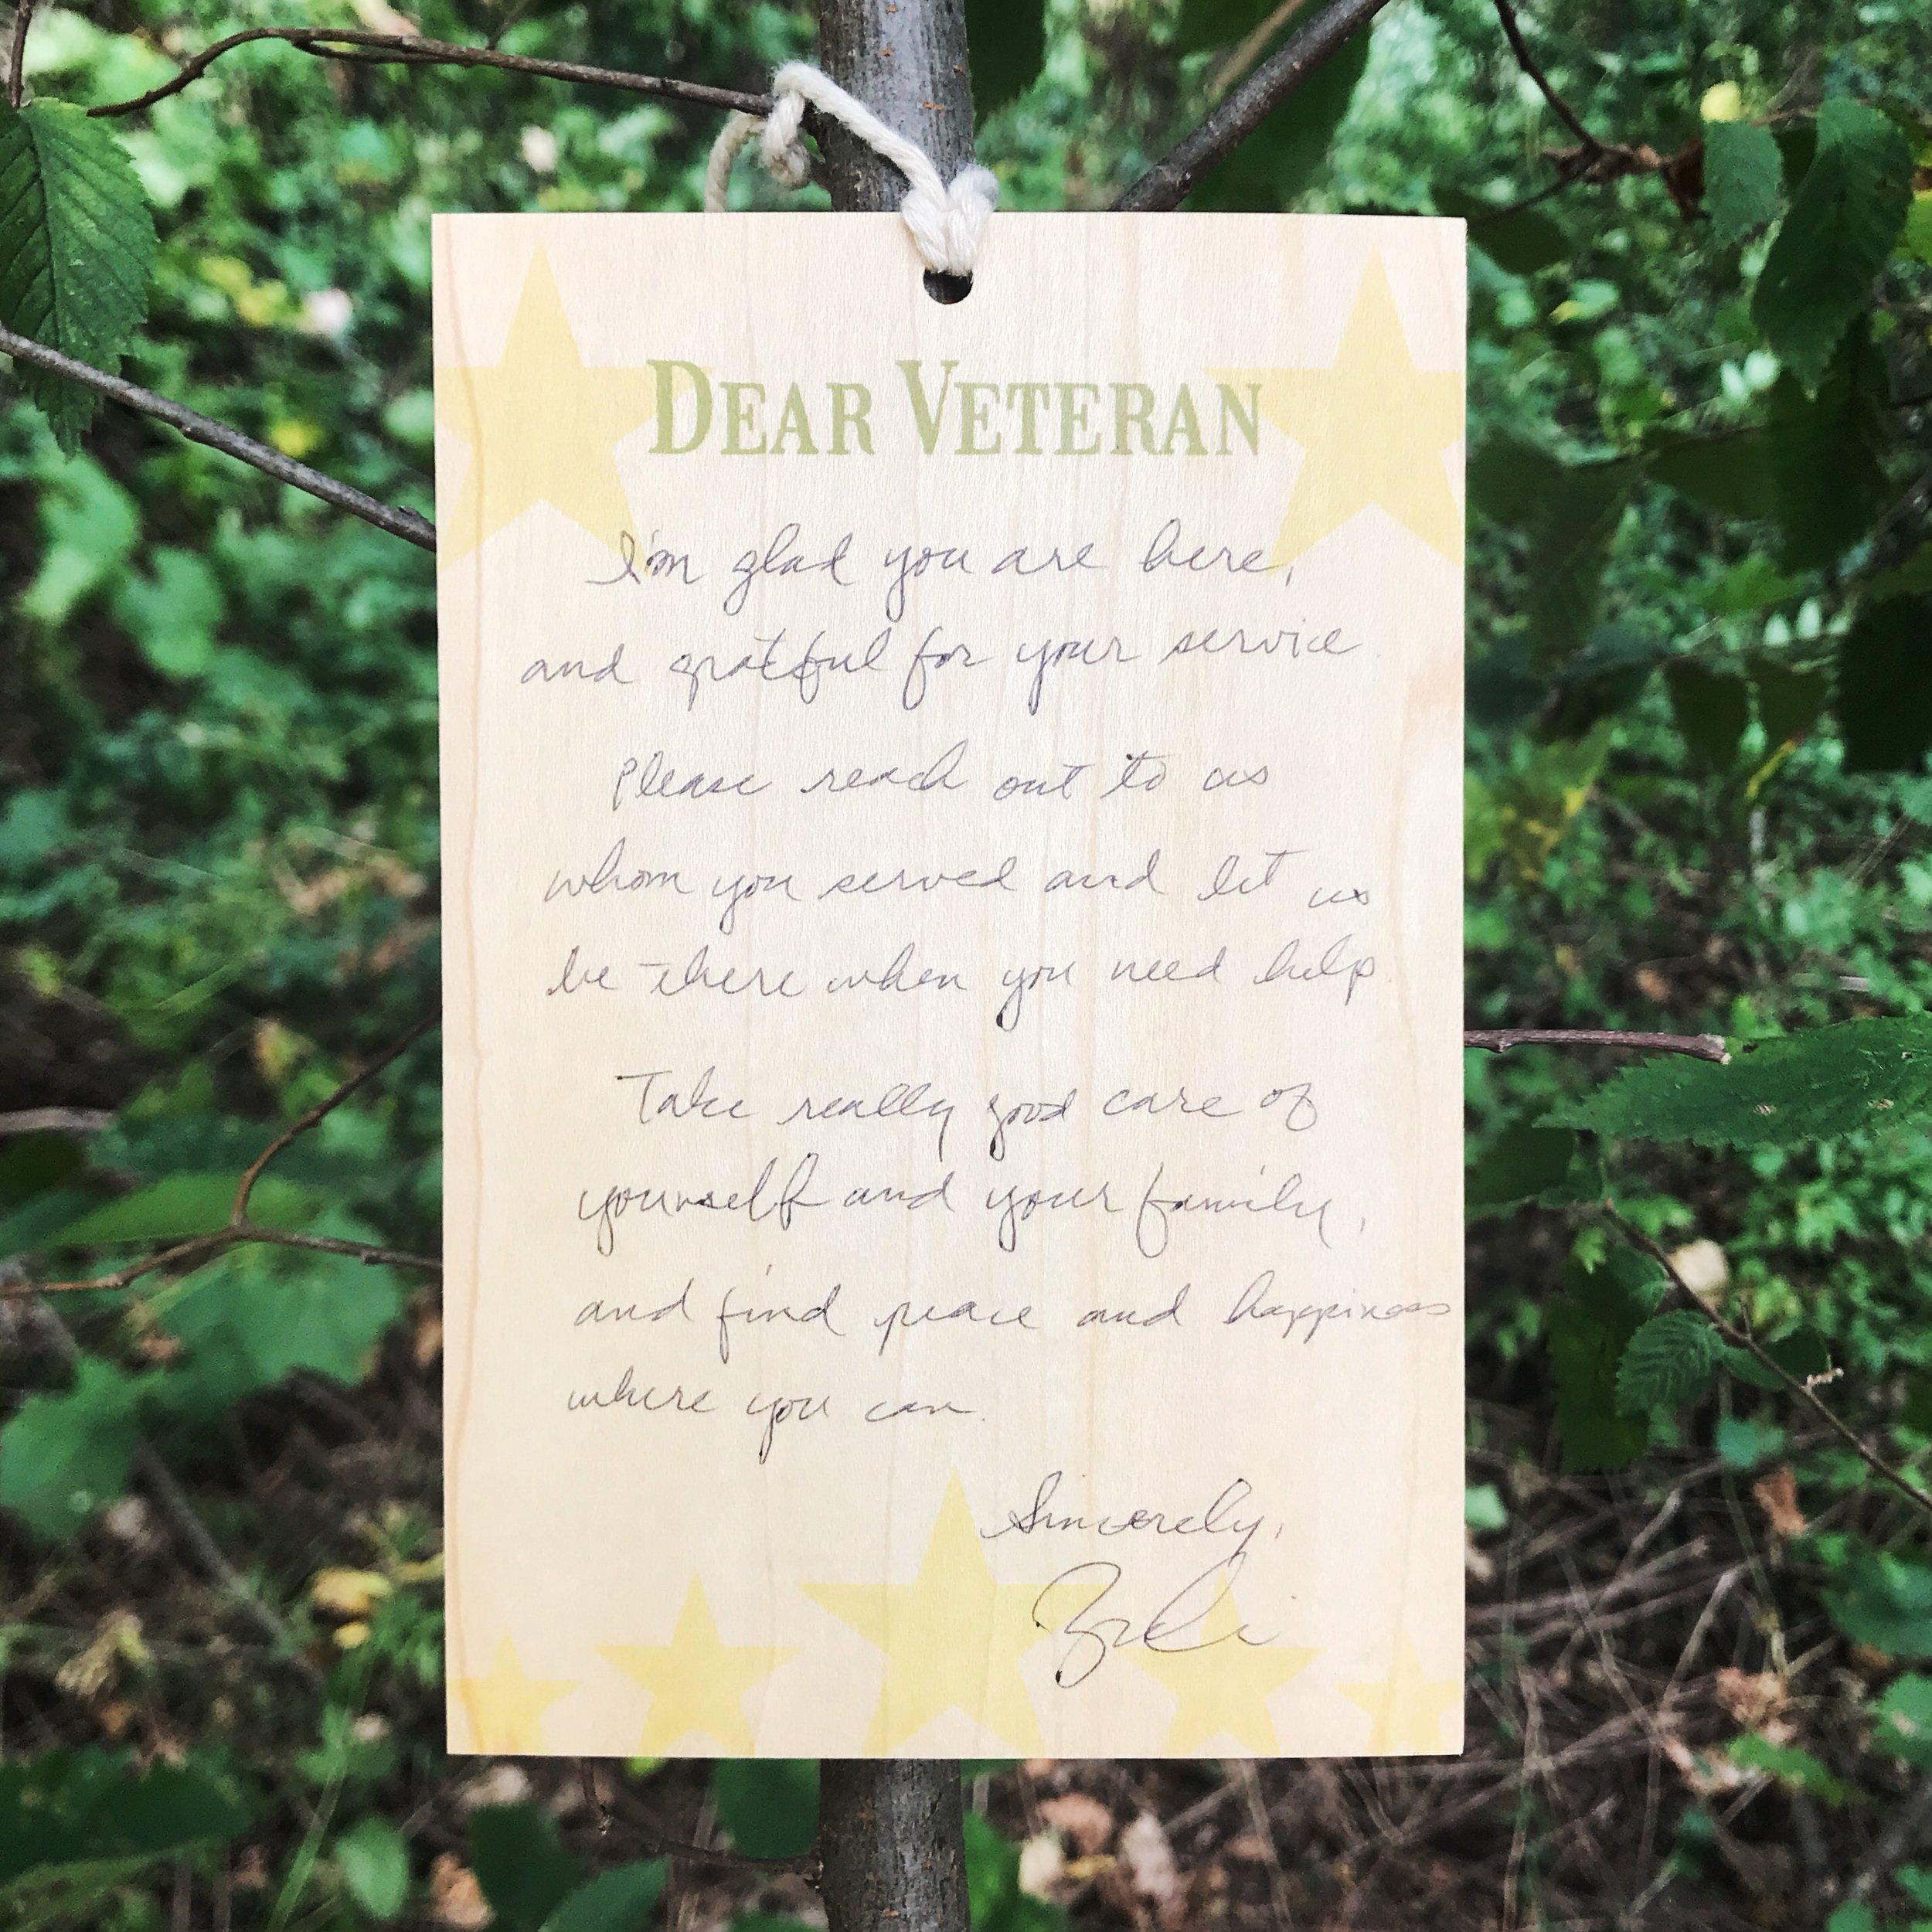 DearVeteran_OCT05_2017.JPG